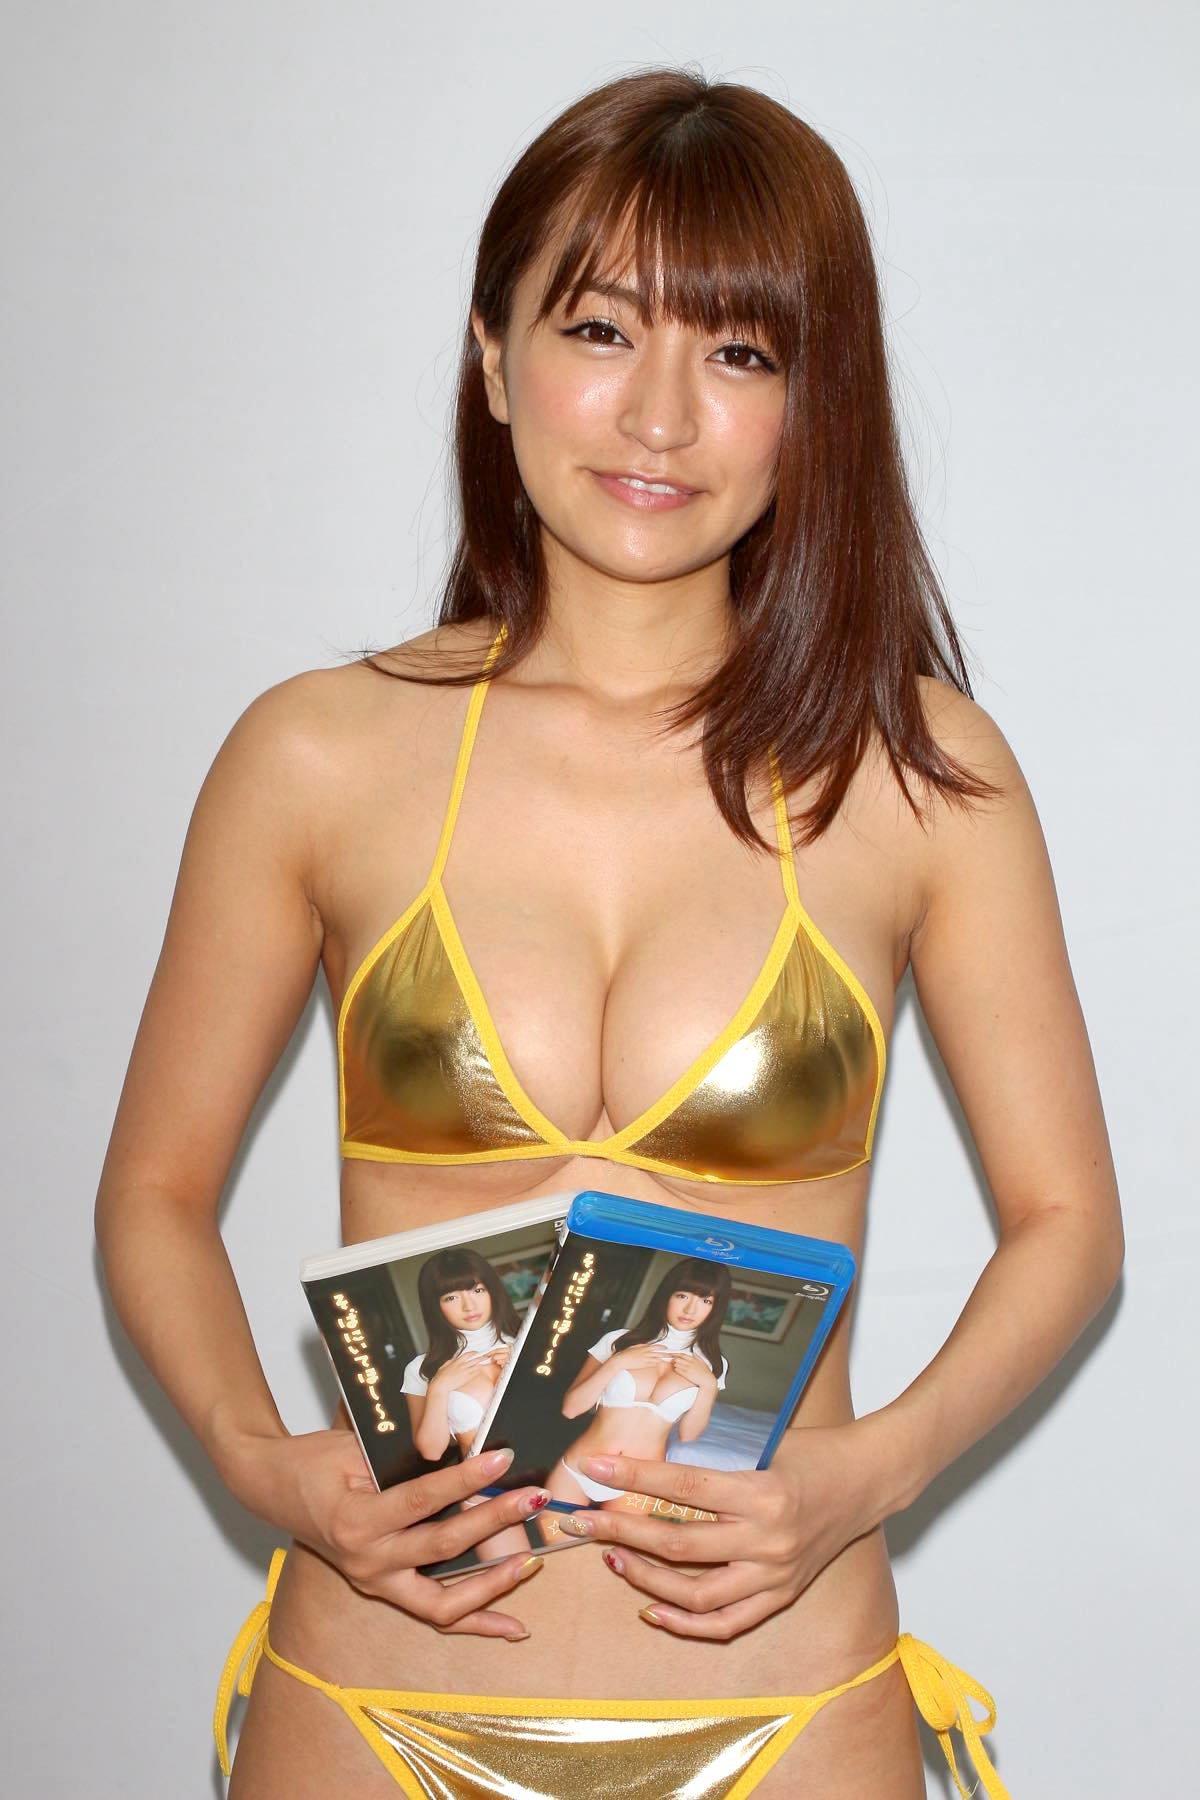 ☆HOSHINO「色気がダダ漏れ」衝撃的セクシーさで攻める!【写真25枚】の画像022